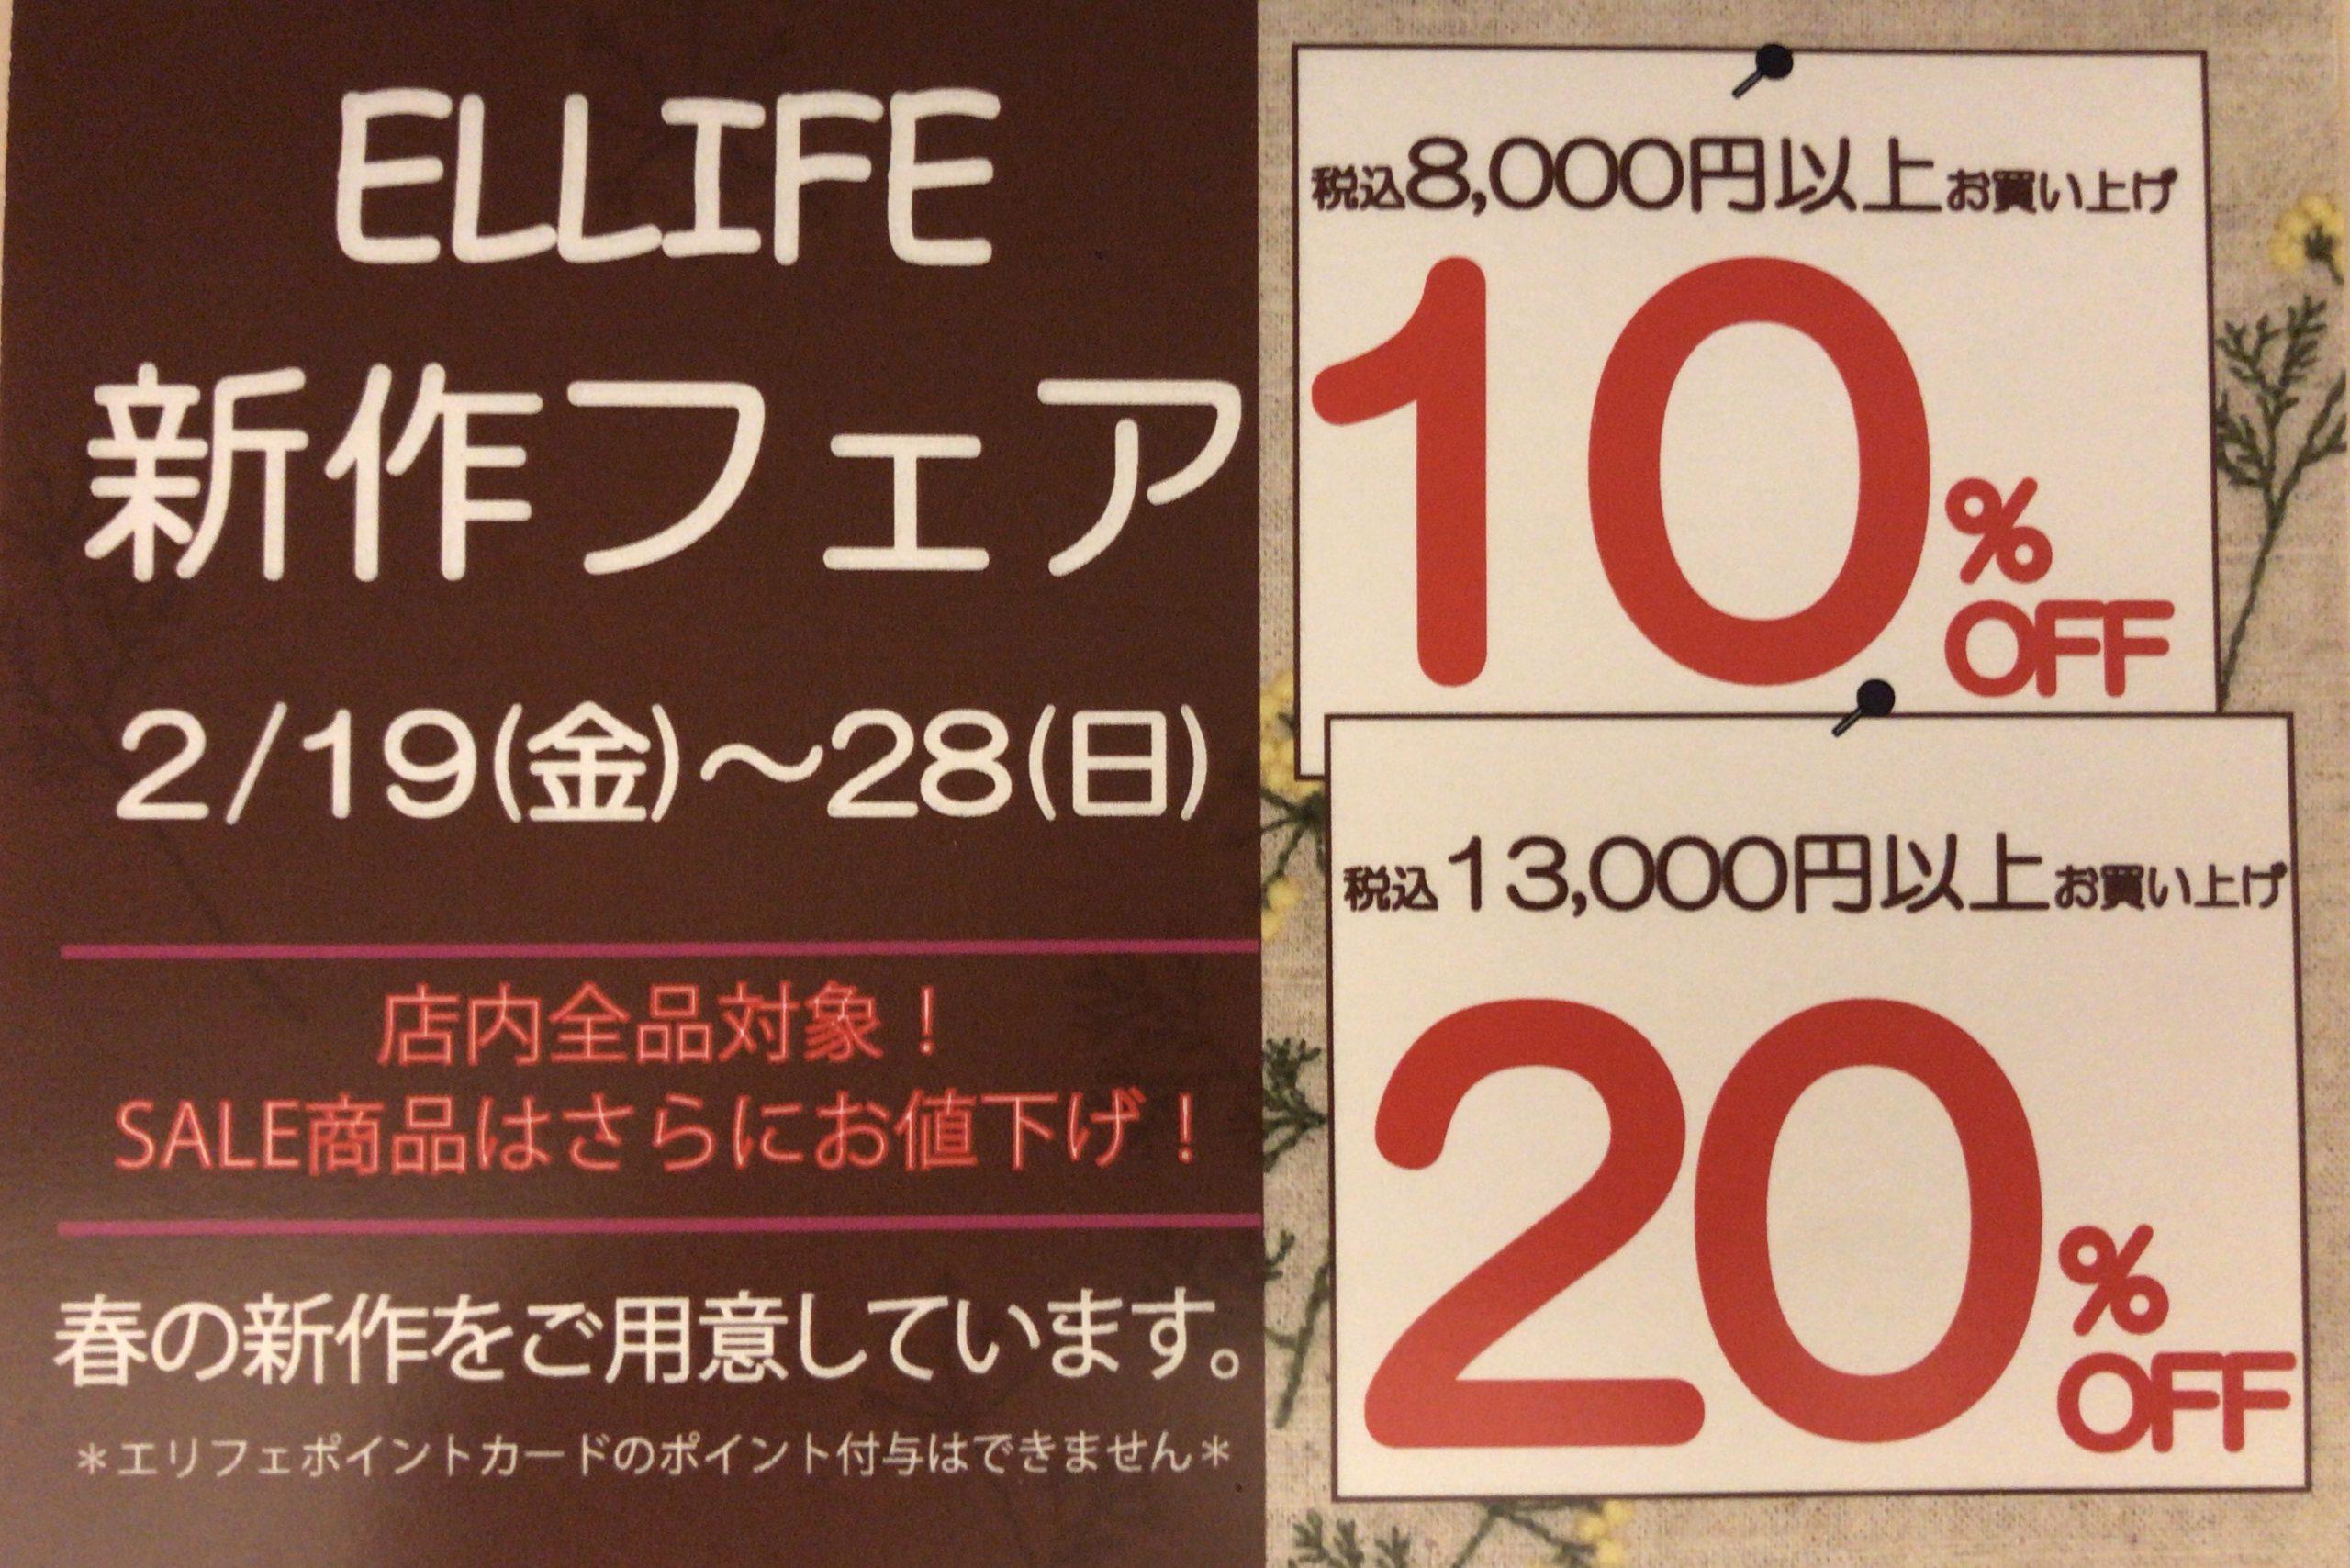 2/19(金)~28(日)【春の新作フェア】